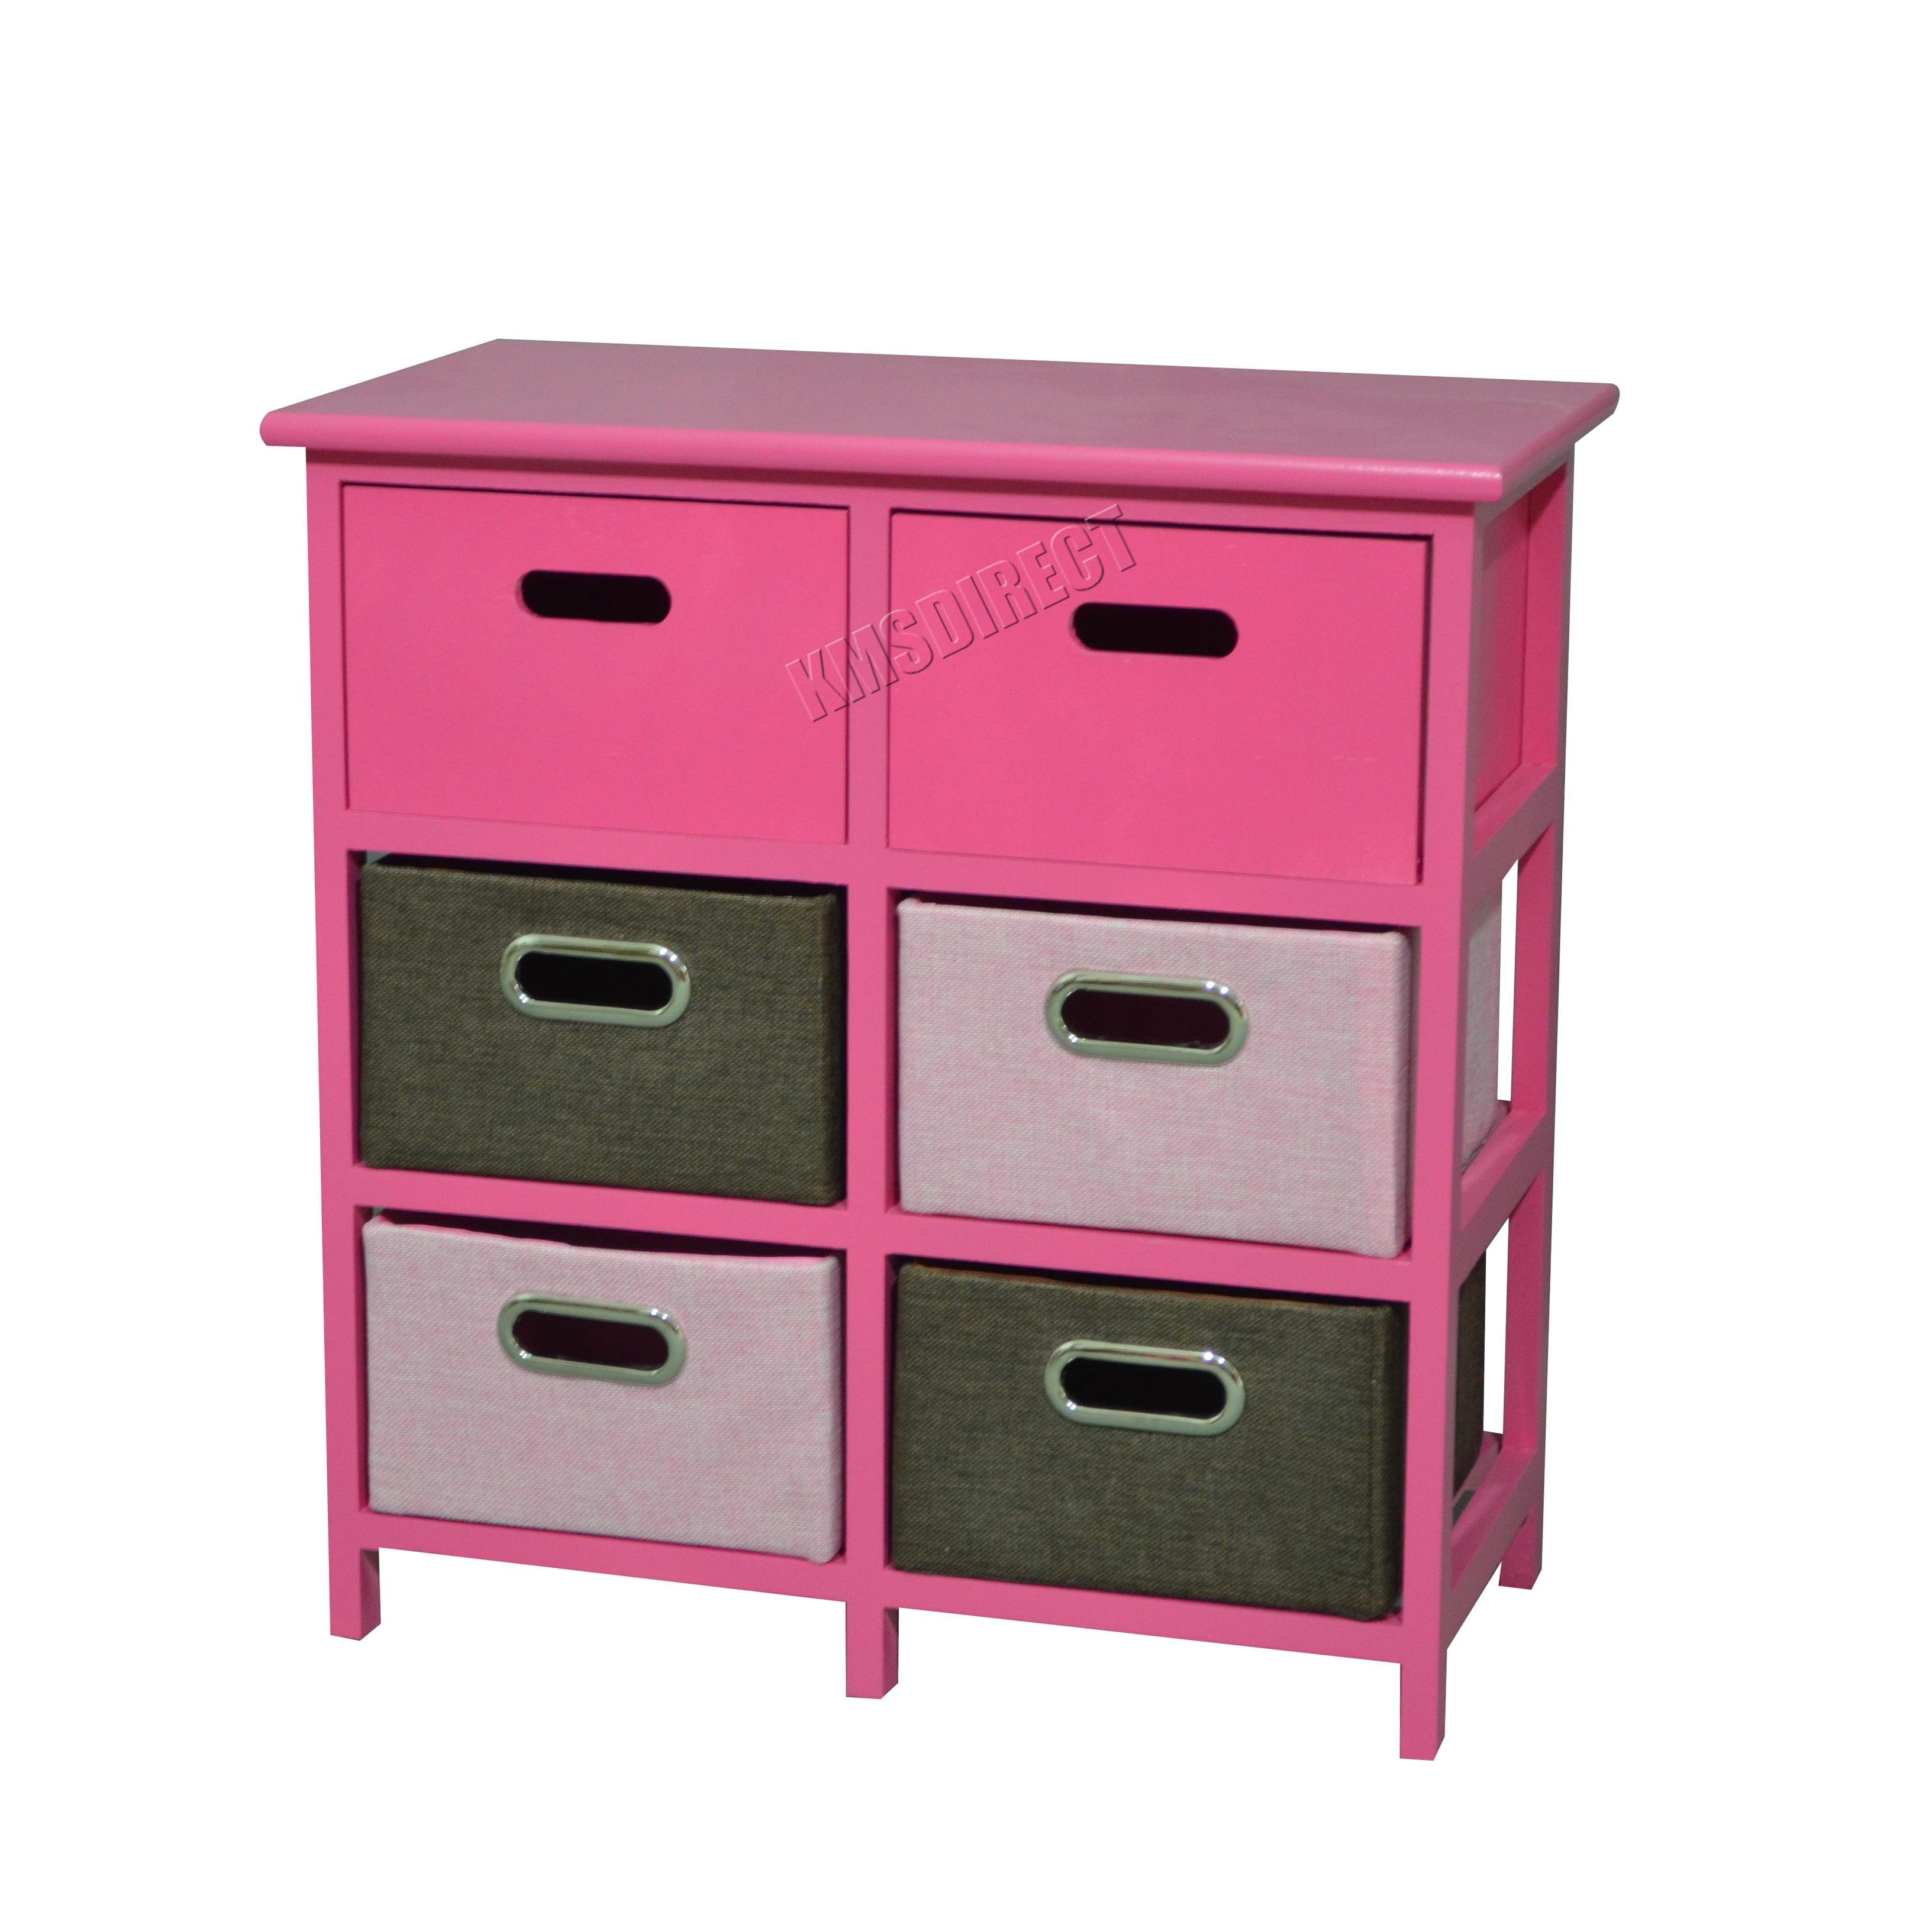 Westwood mesita armario unidad mesa con cesta mimbre caj n for Gabinete de almacenamiento dormitorio